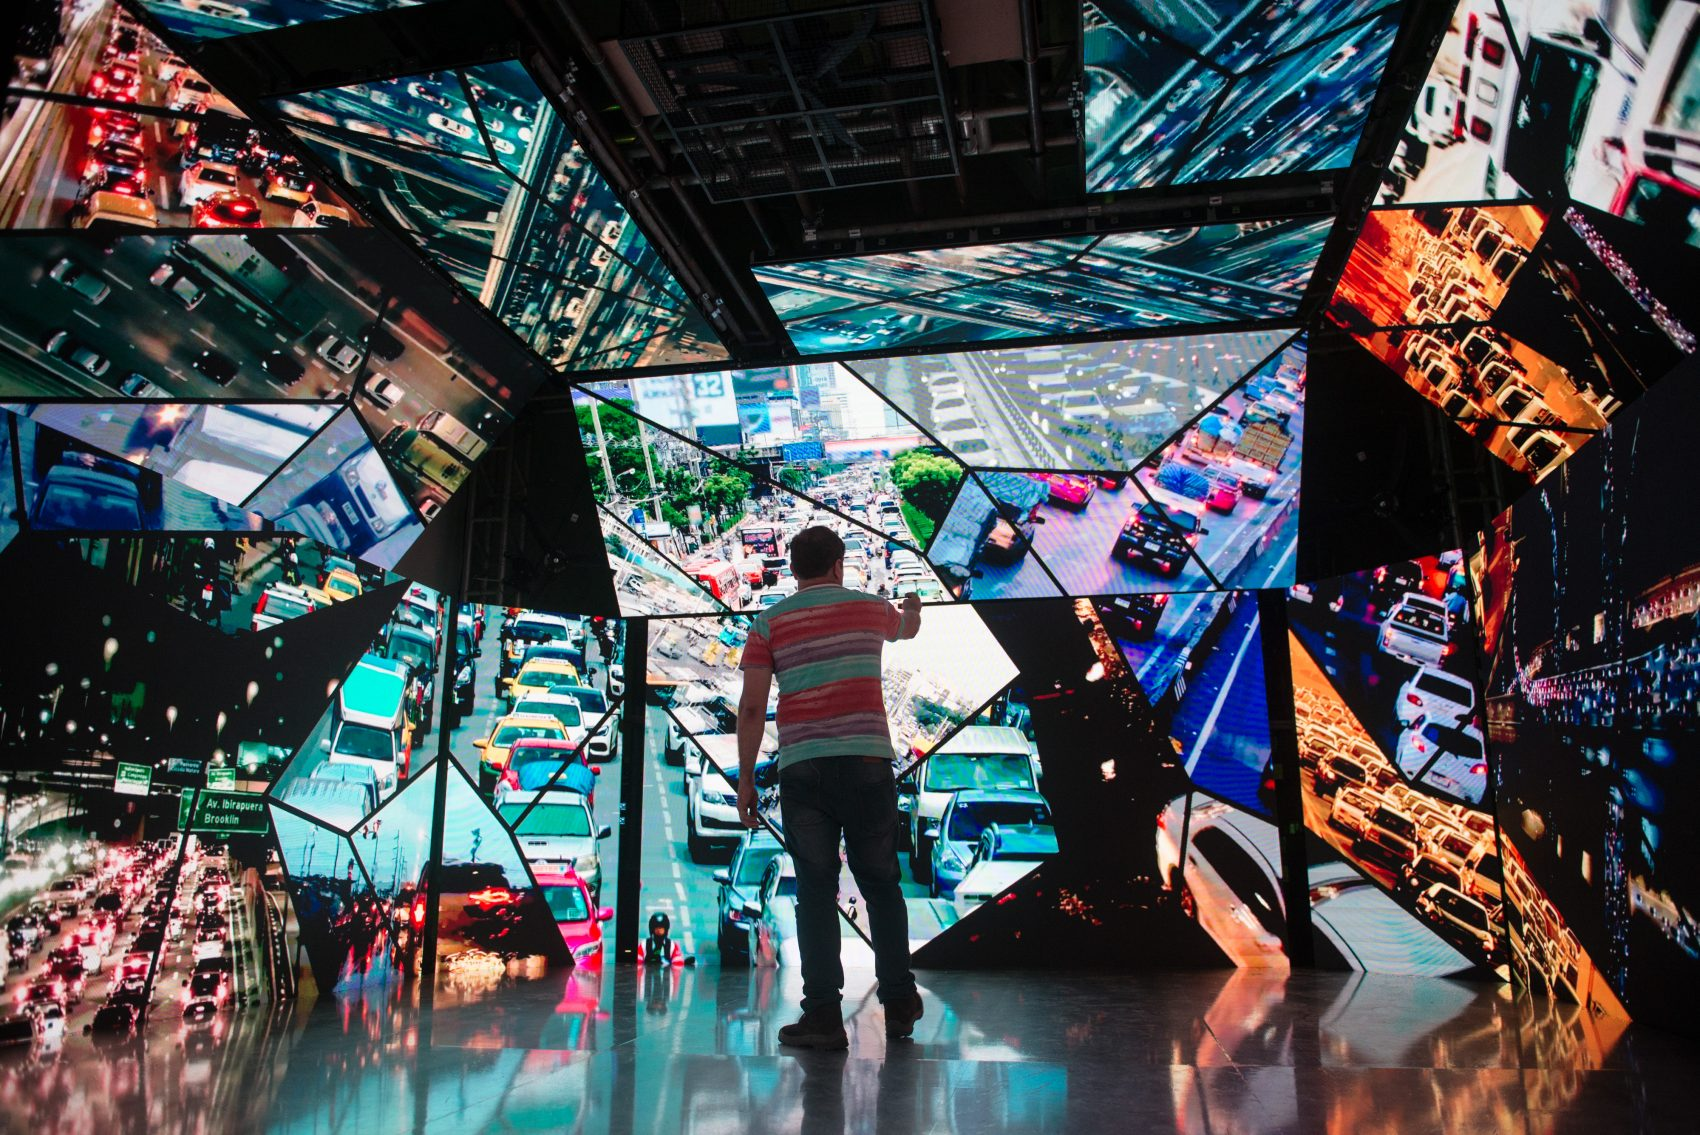 Módulo {Trans}Formação da Exposição O Dia Seguinte: experiência sensorial e visual para mostrar impactos da crise climática (Foto: Anette Alencar)